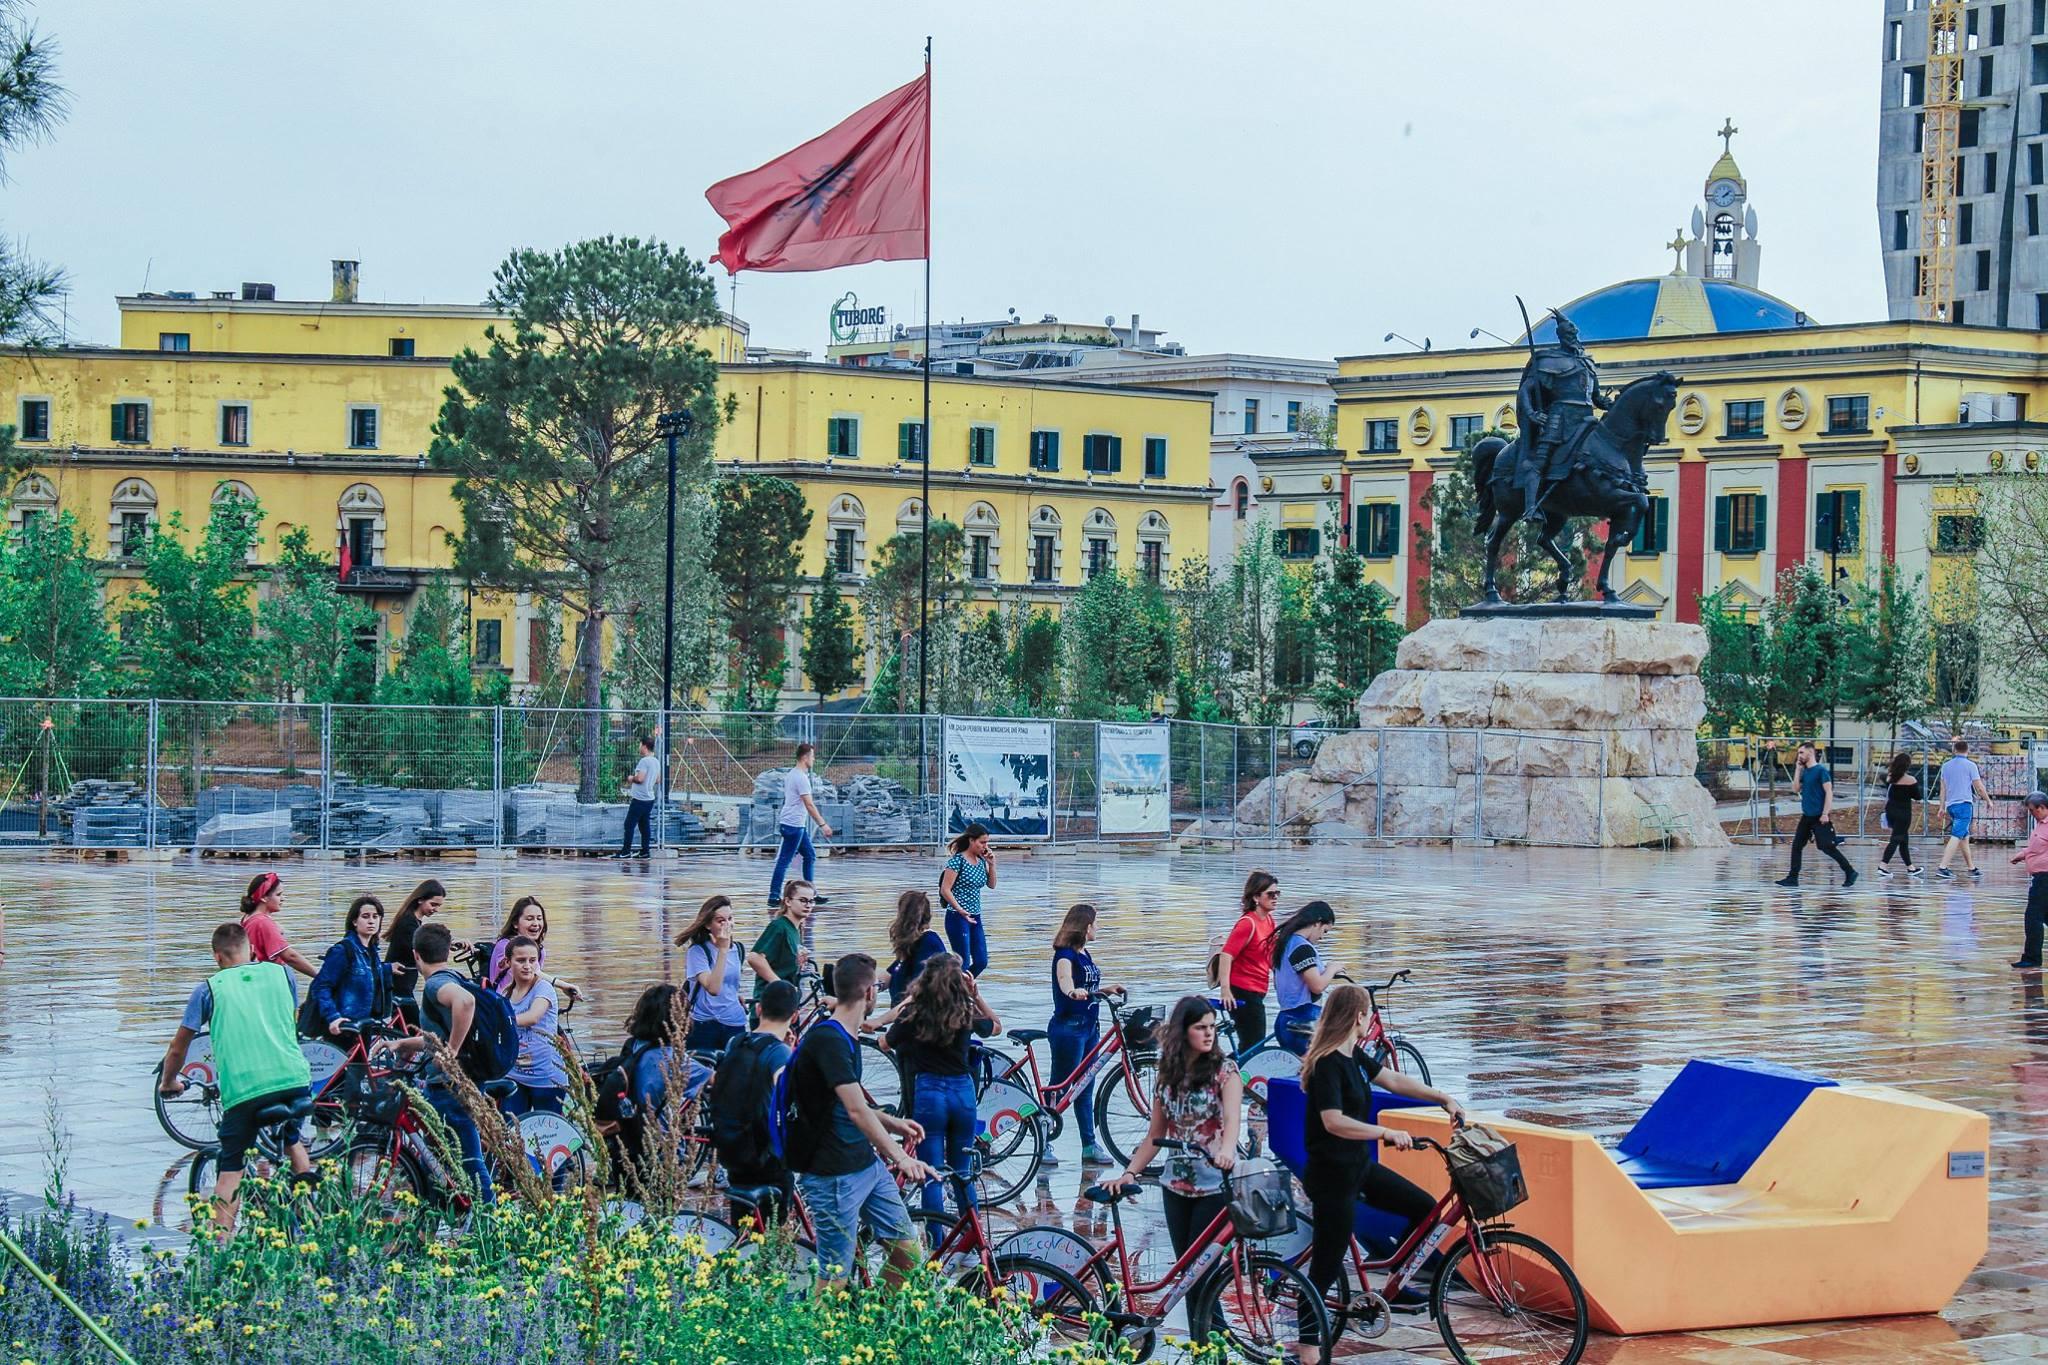 Pazza Scanderbeg Tirana, Albania